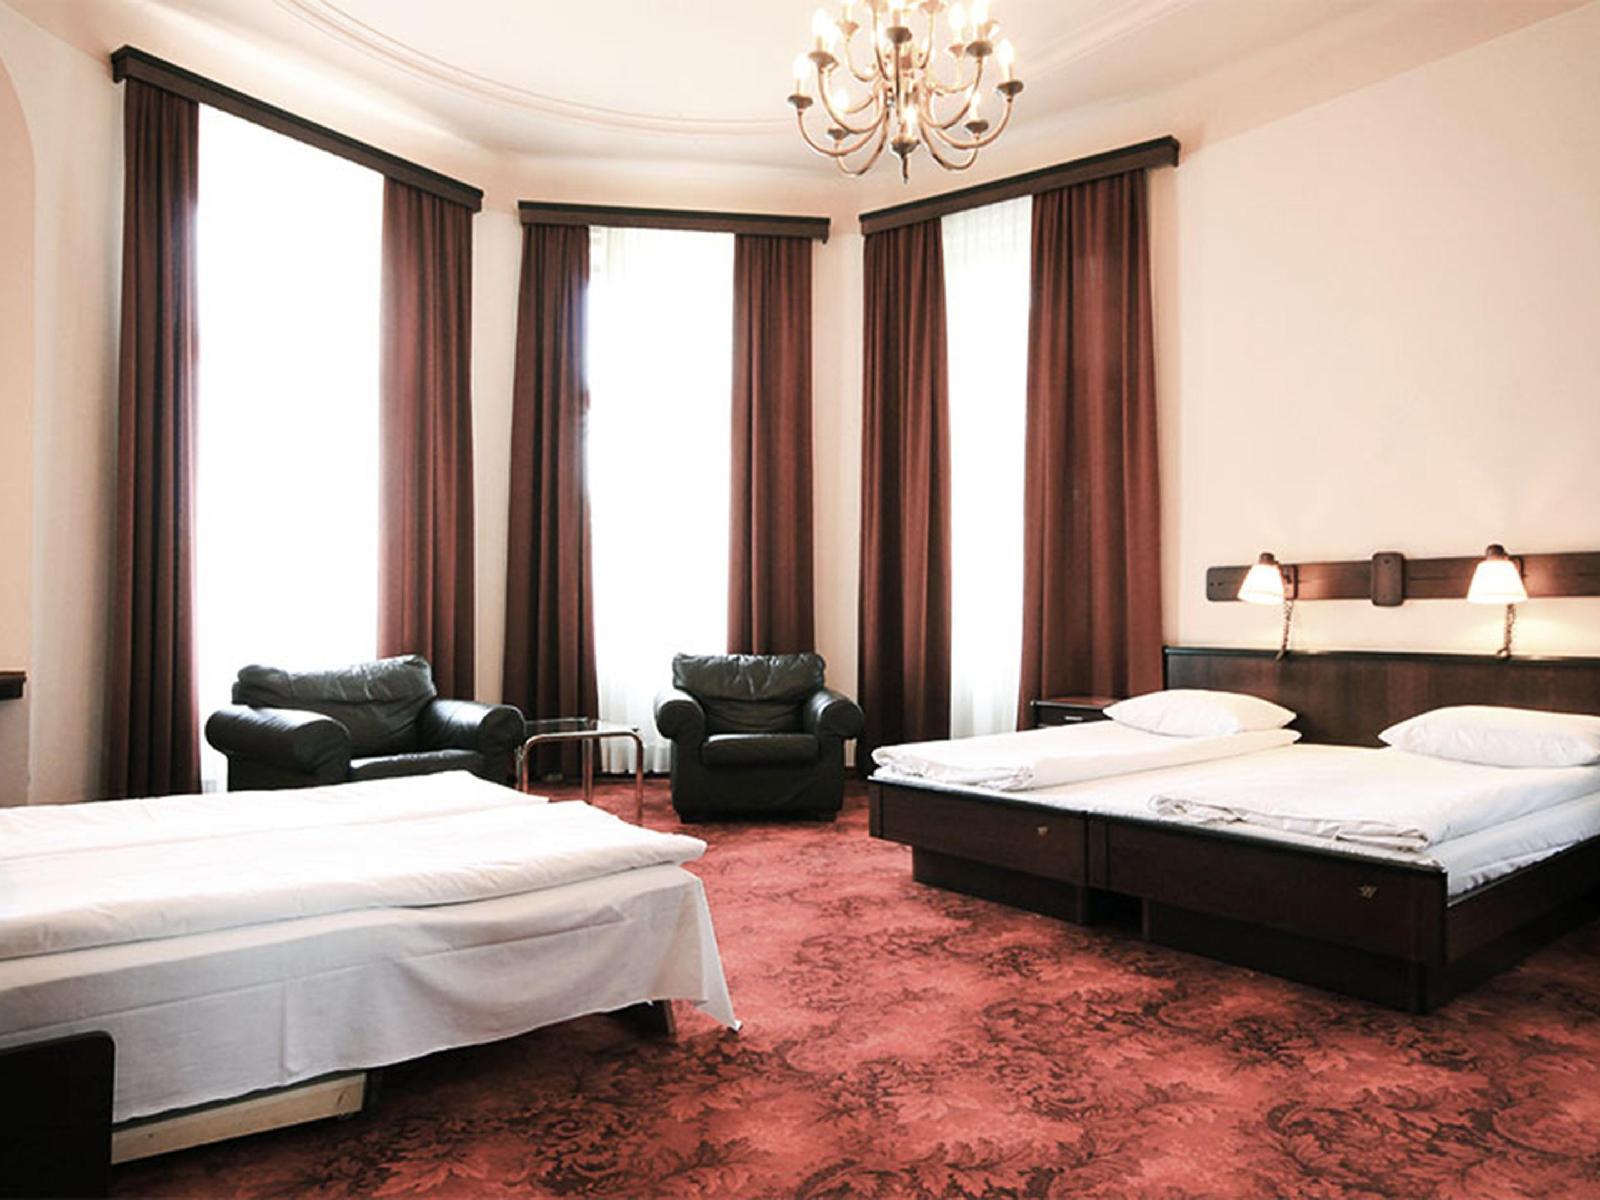 Gallery image of Hotel Fürstenhof